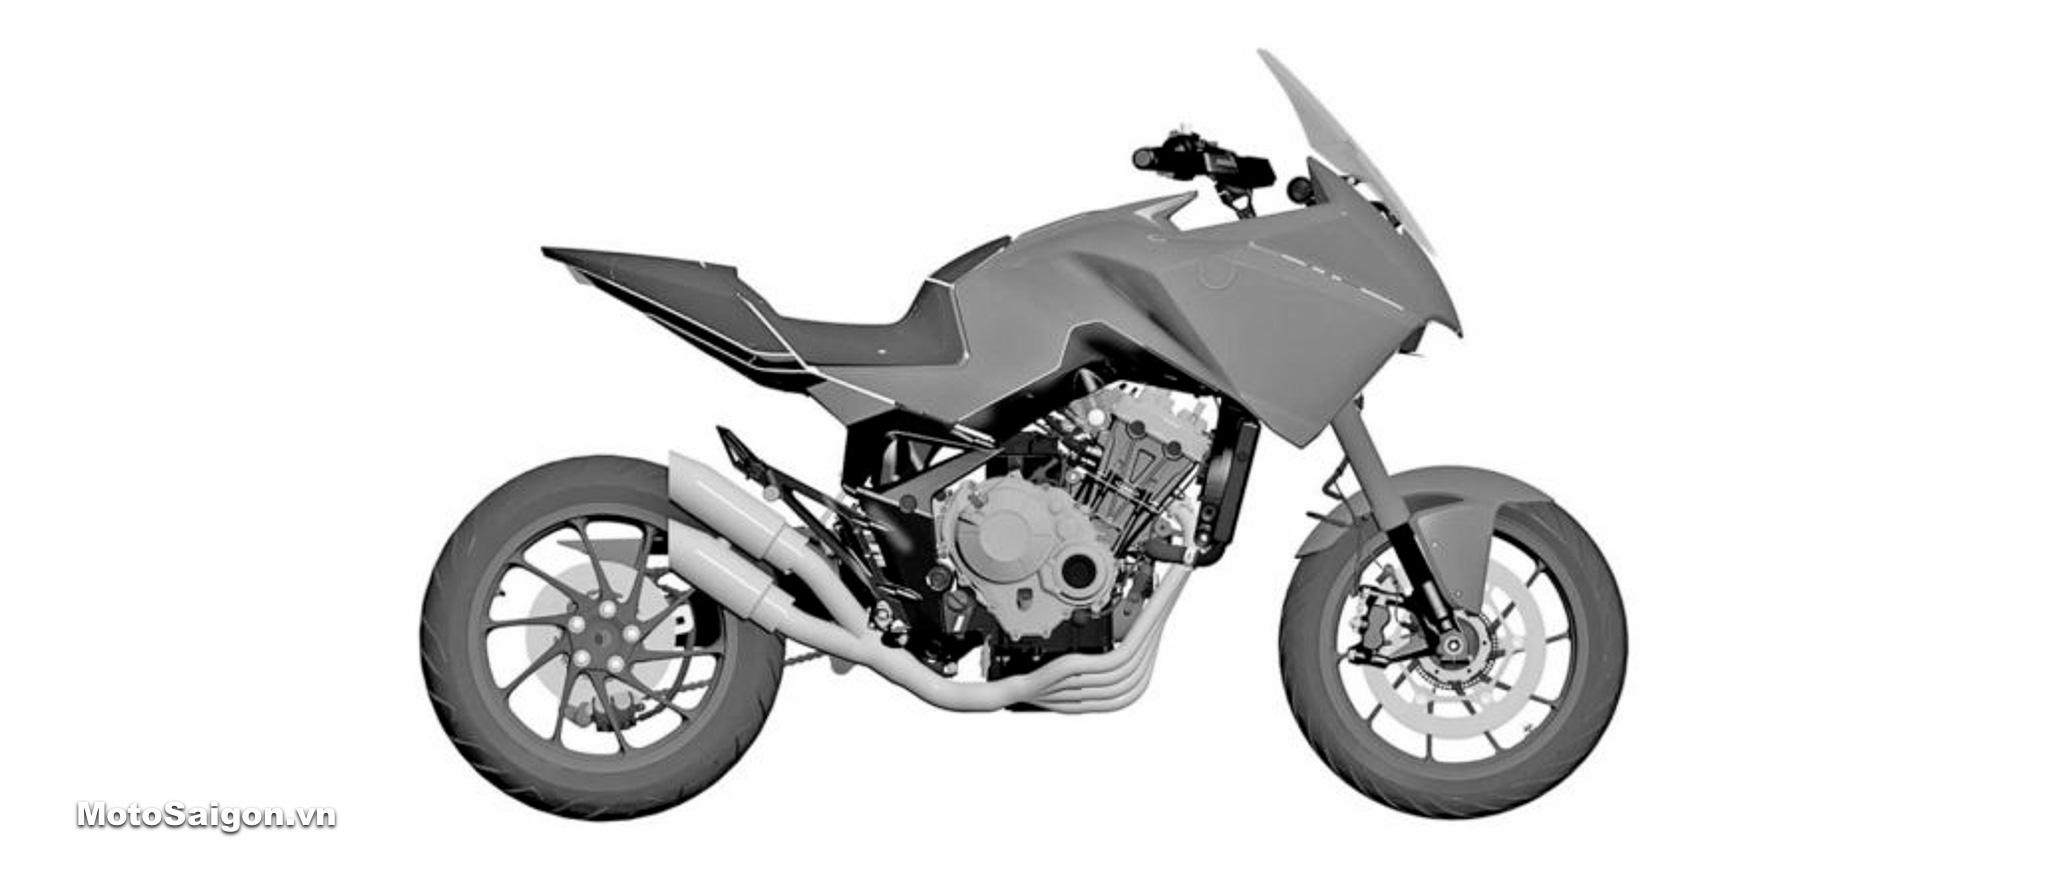 Honda CB650X dùng chung động cơ 4 xilanh với CB650R?